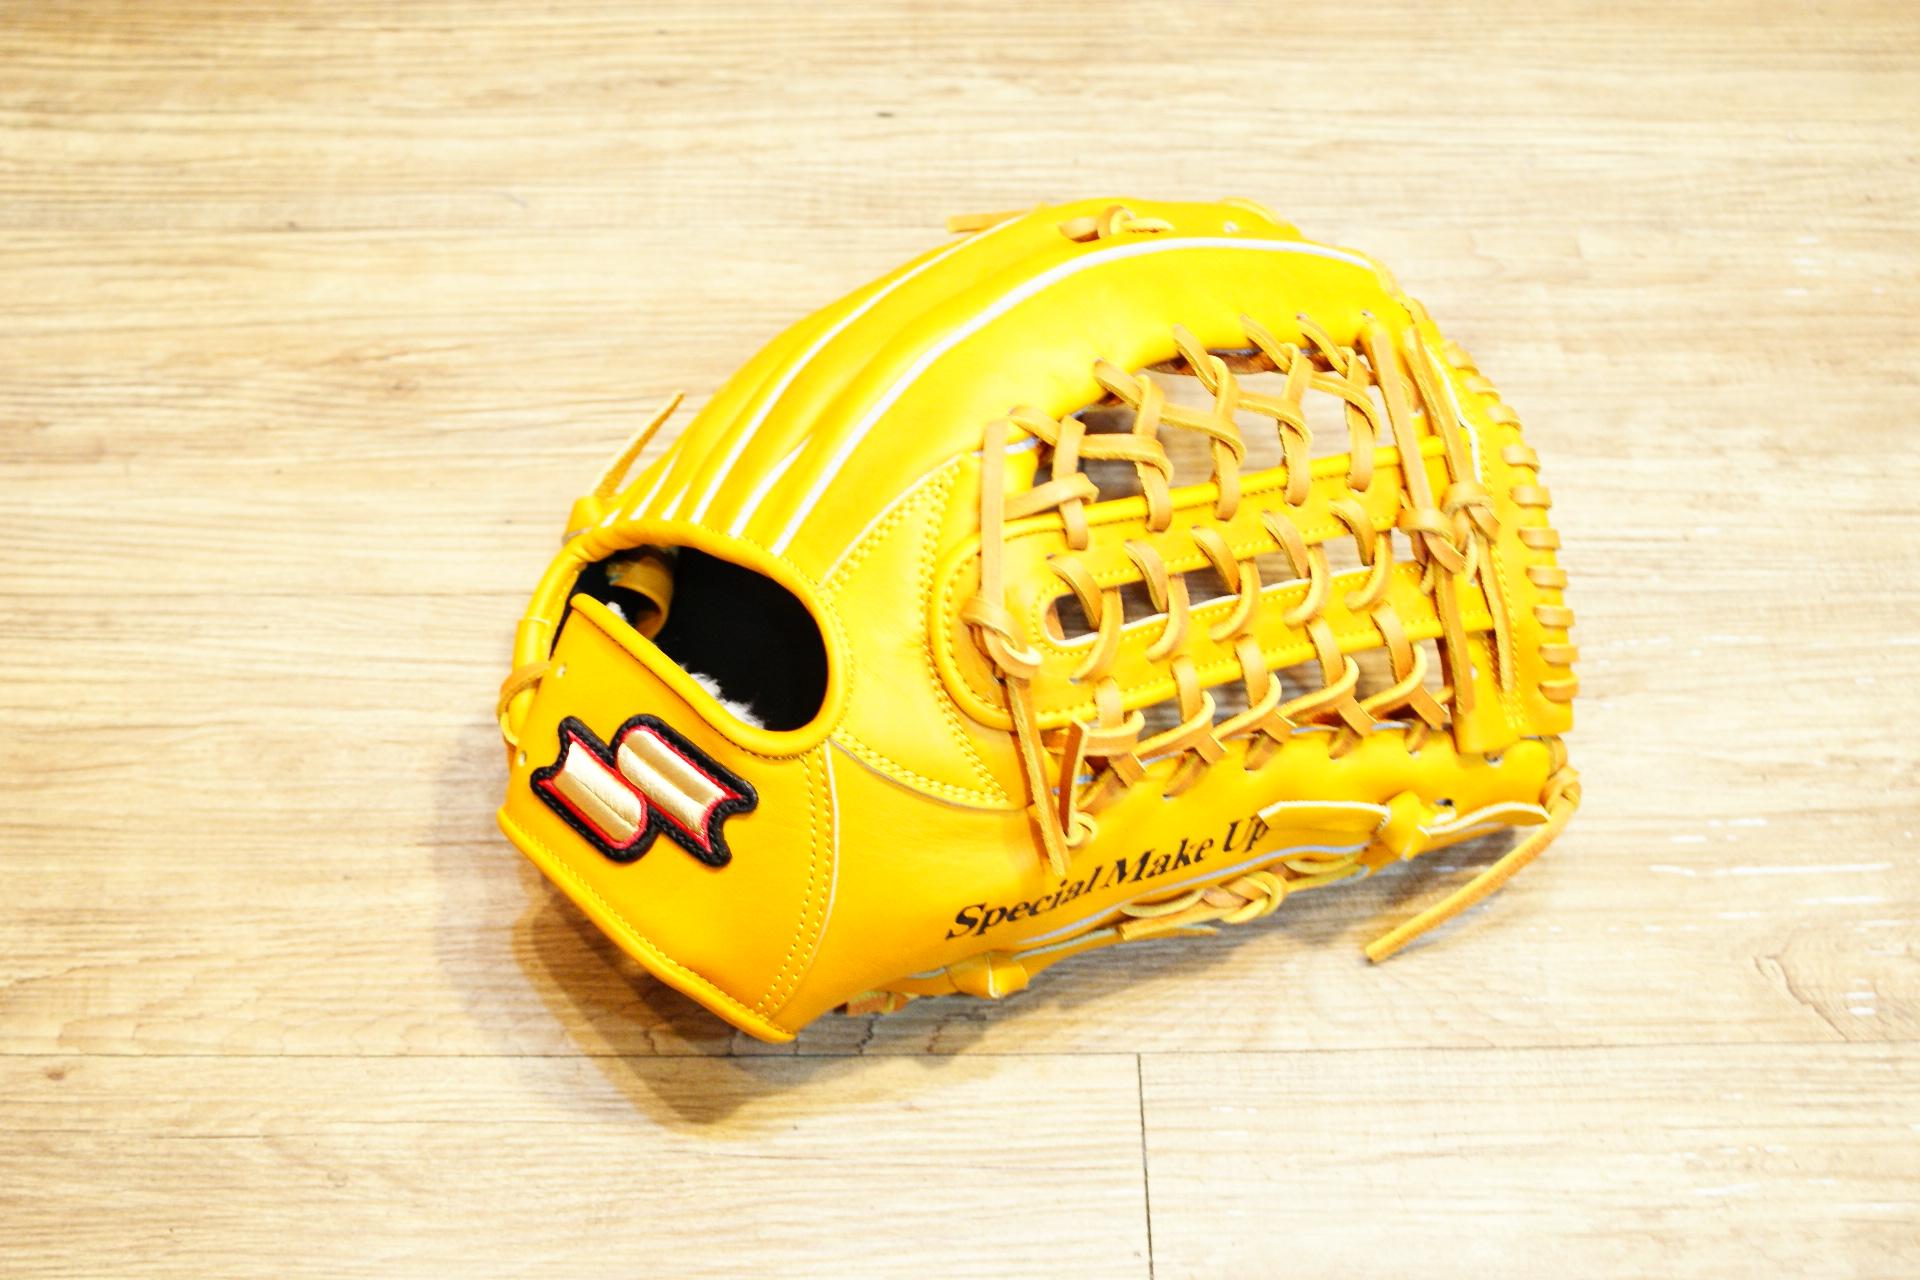 棒球世界全新SSK金標全牛皮棒壘球手套外野手用 特價 原皮色 U網球檔 65折